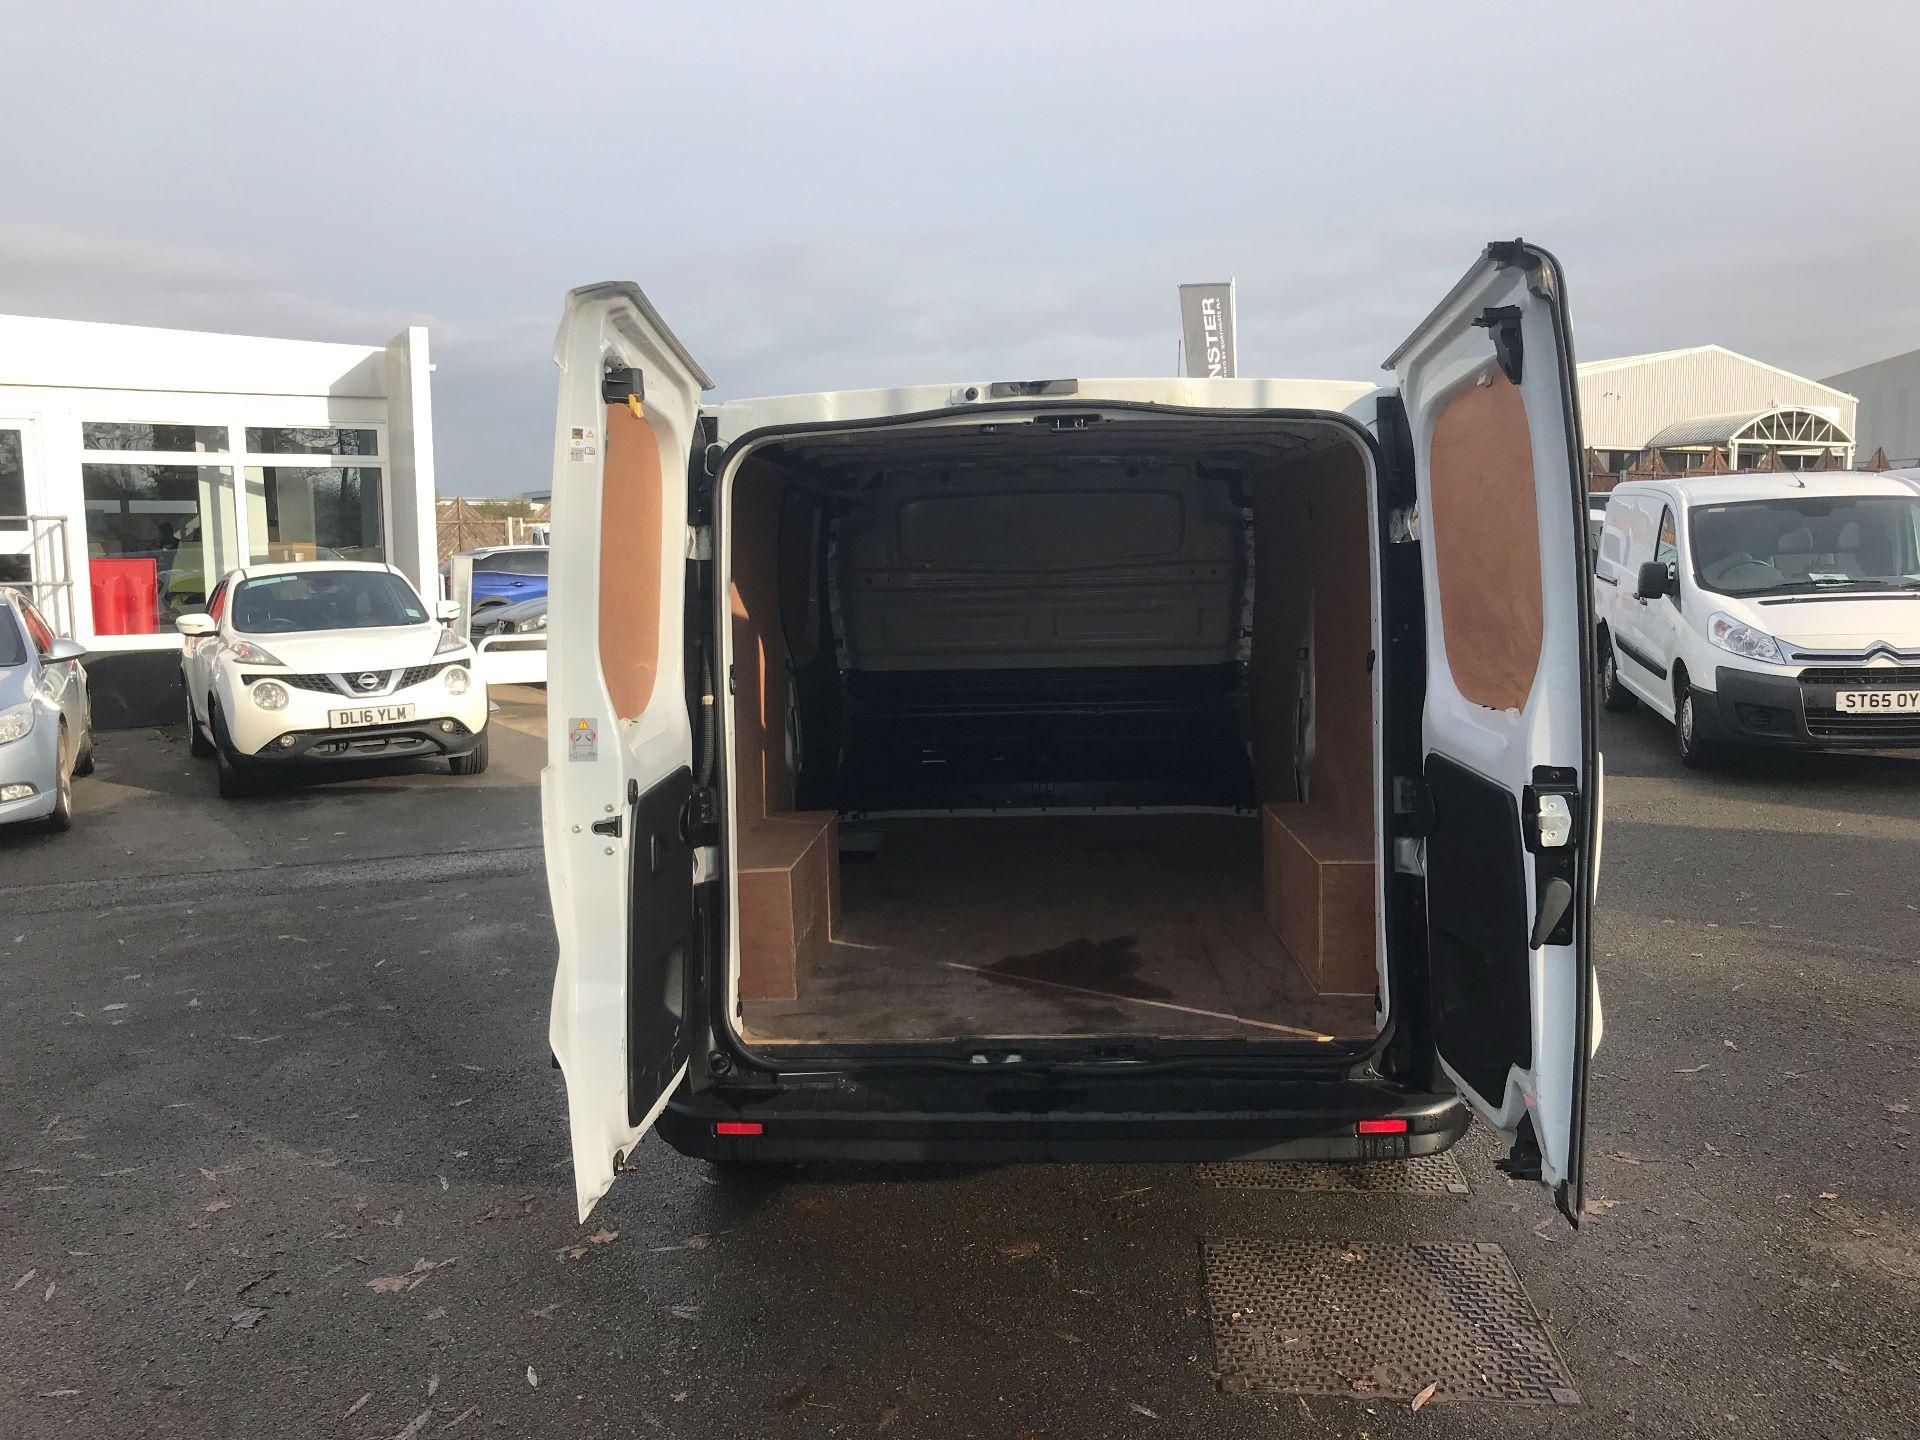 2017 Vauxhall Vivaro L2 H1 2900 1.6CDTI 120PS EURO 6 (DV67LVD) Image 7